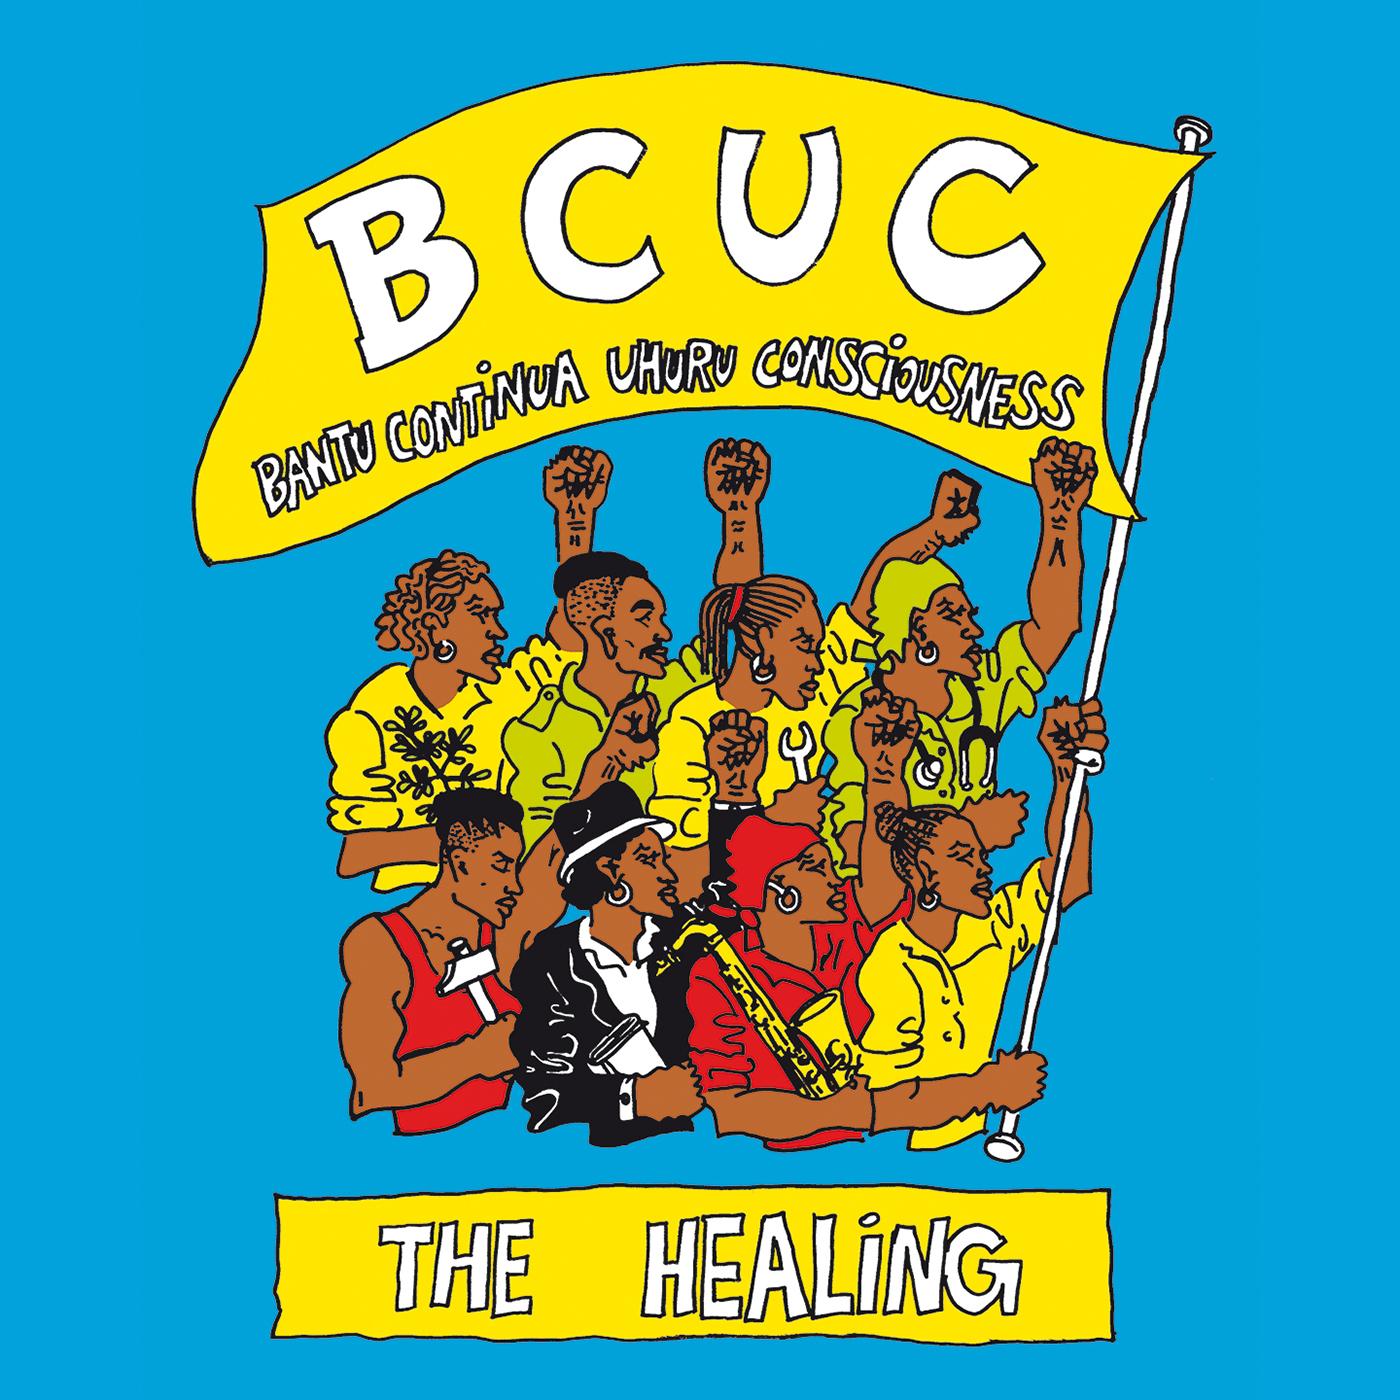 BCUC_healing_web.jpg